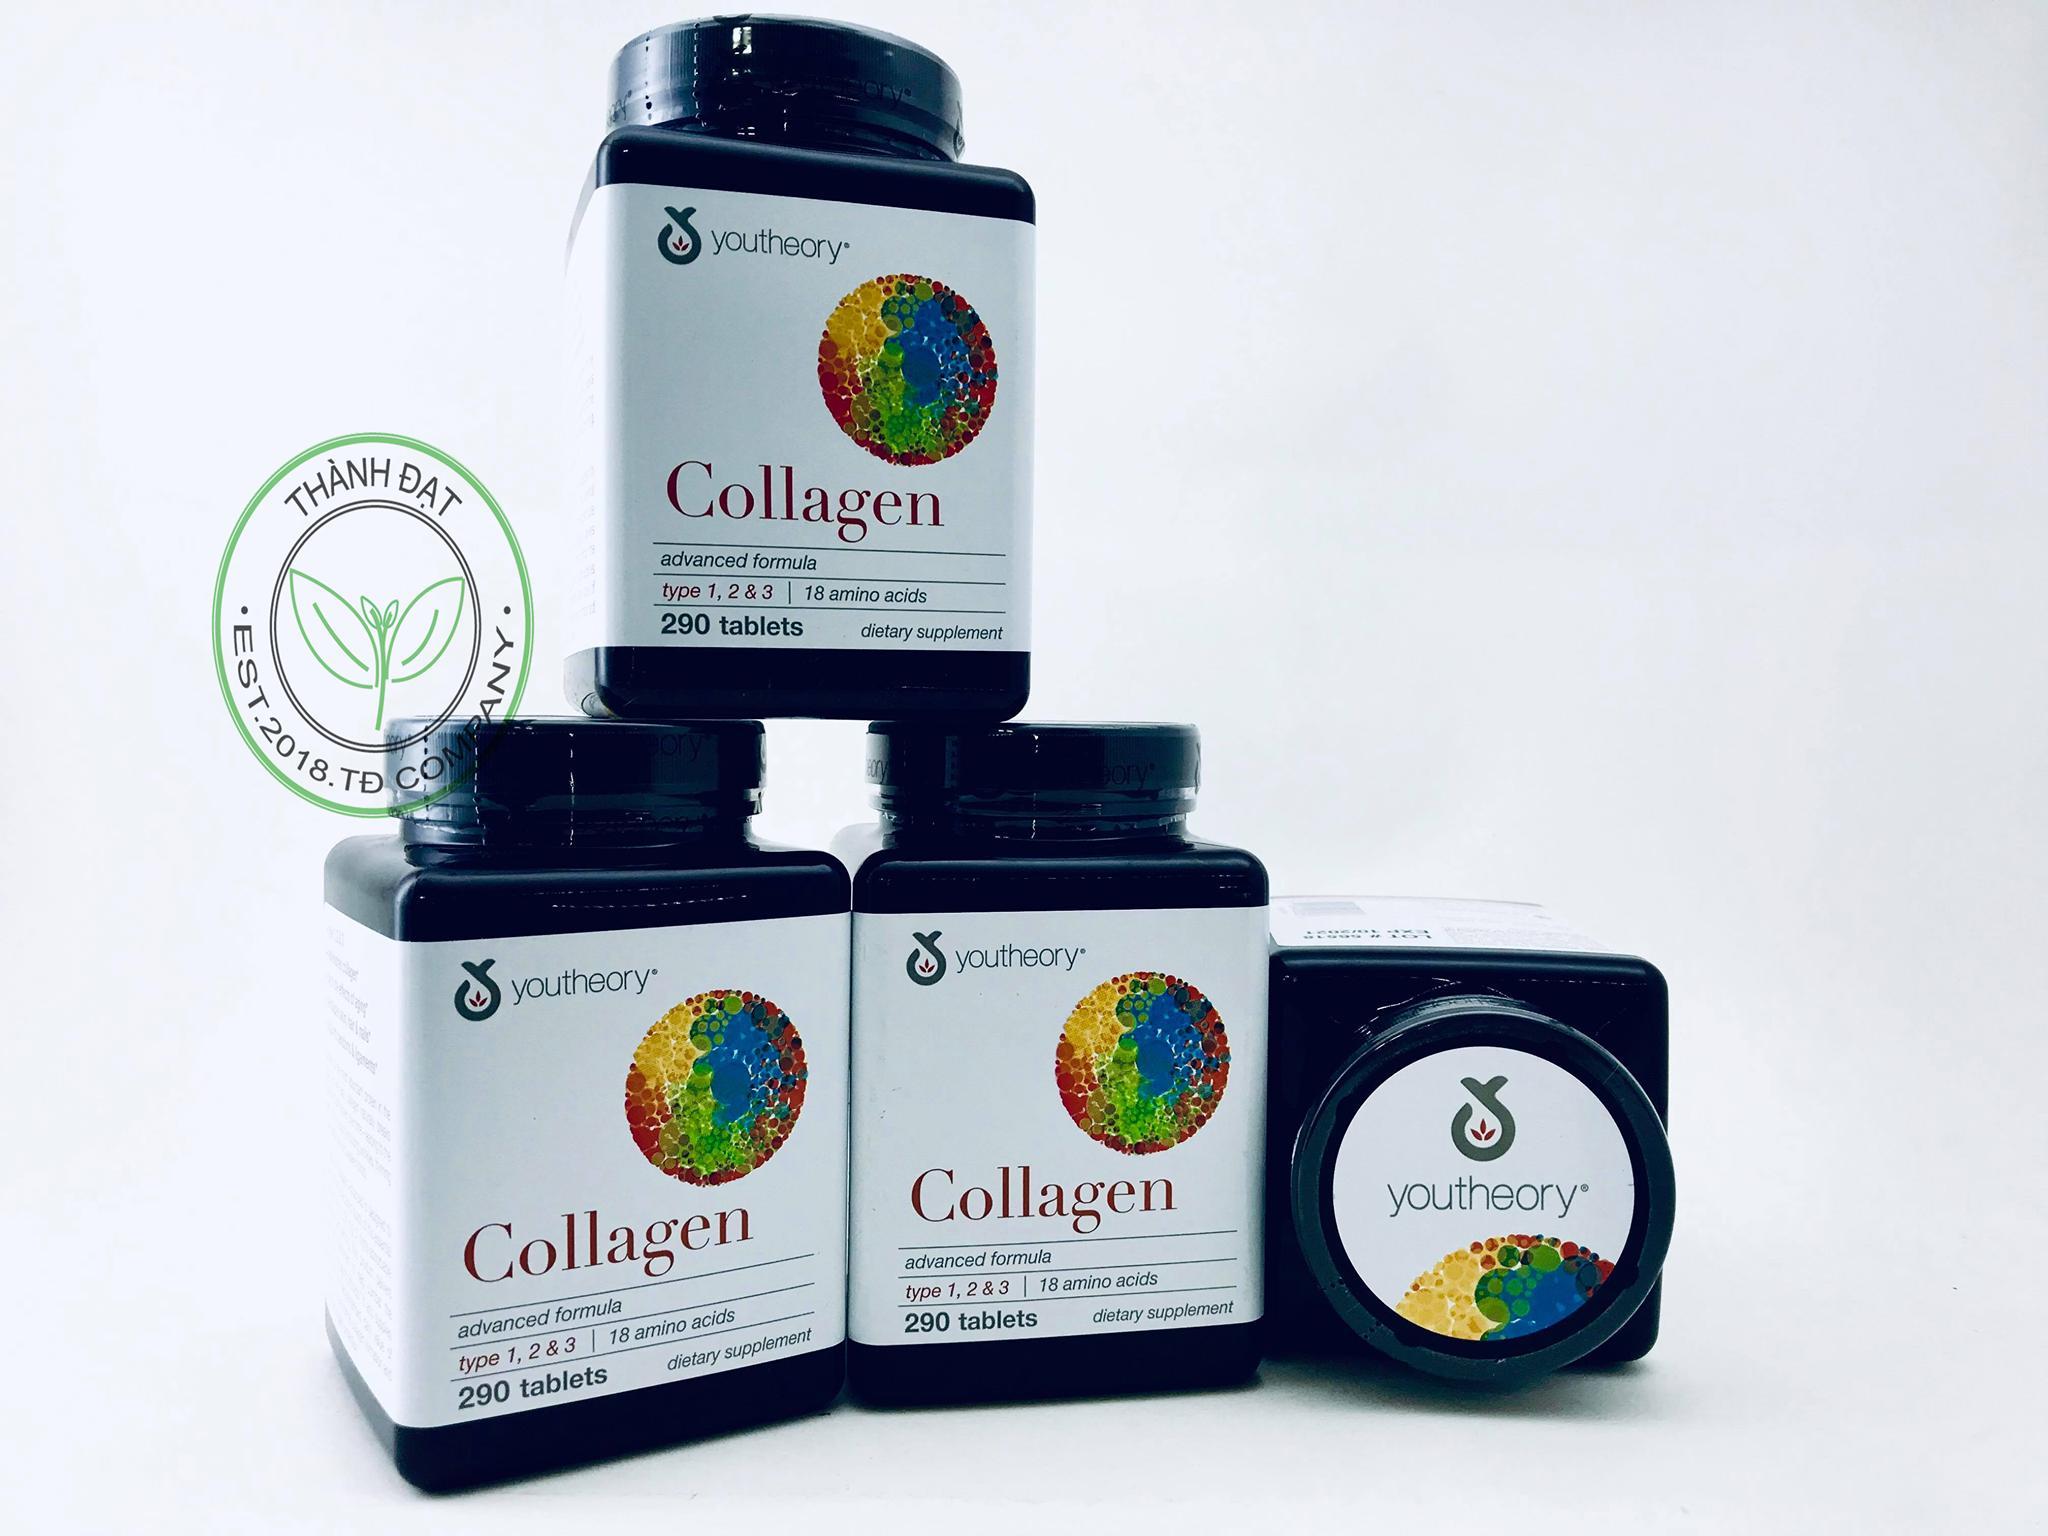 Youtheory Collagen Công Thức Cải Tiến, 290 viên - Hàng xách tay từ New Zealand